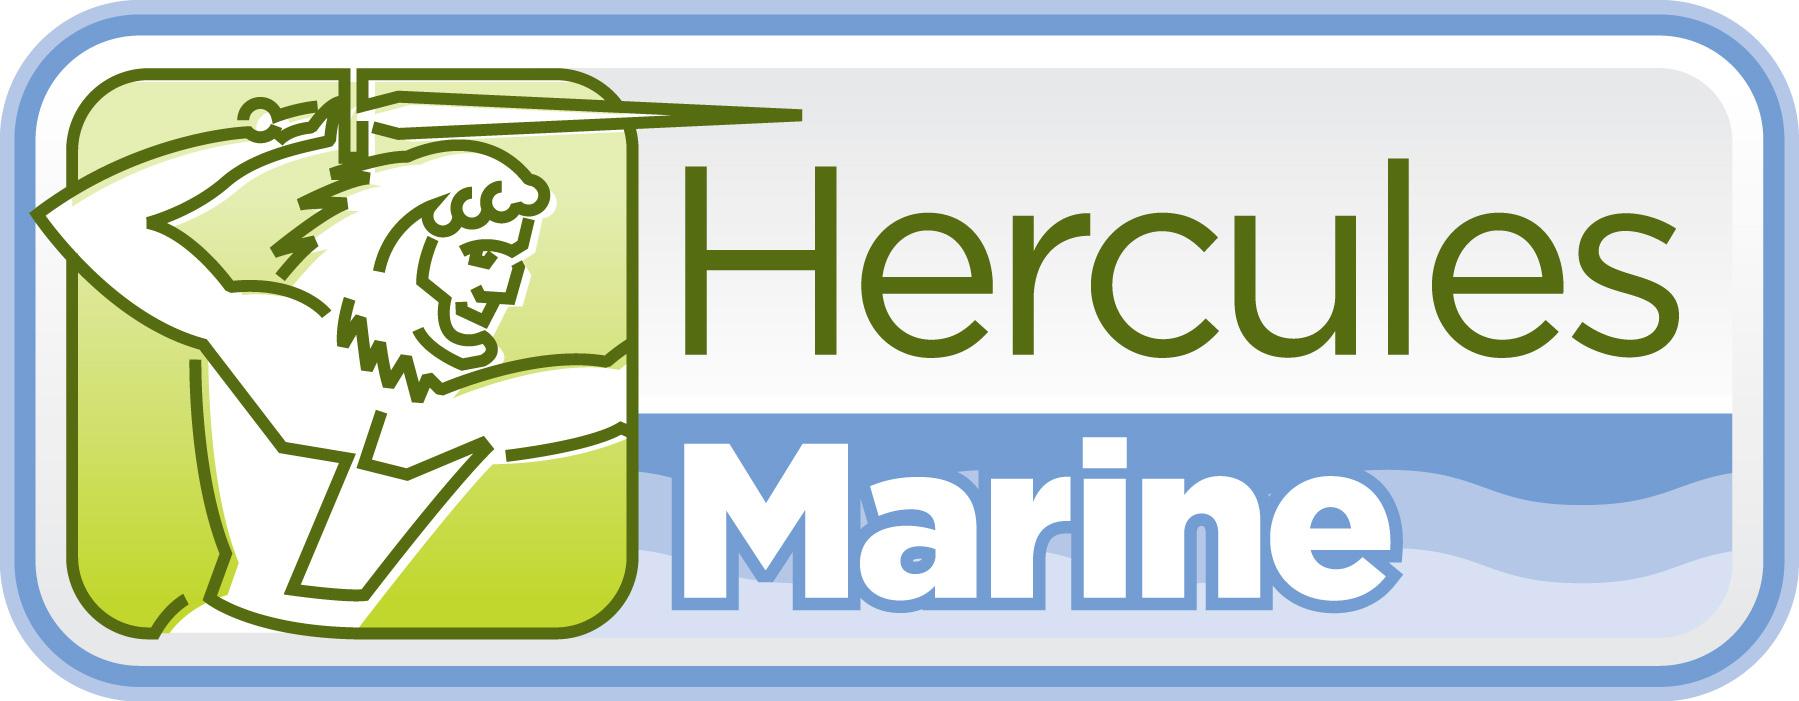 Hercules_marine_logo_v1ar1